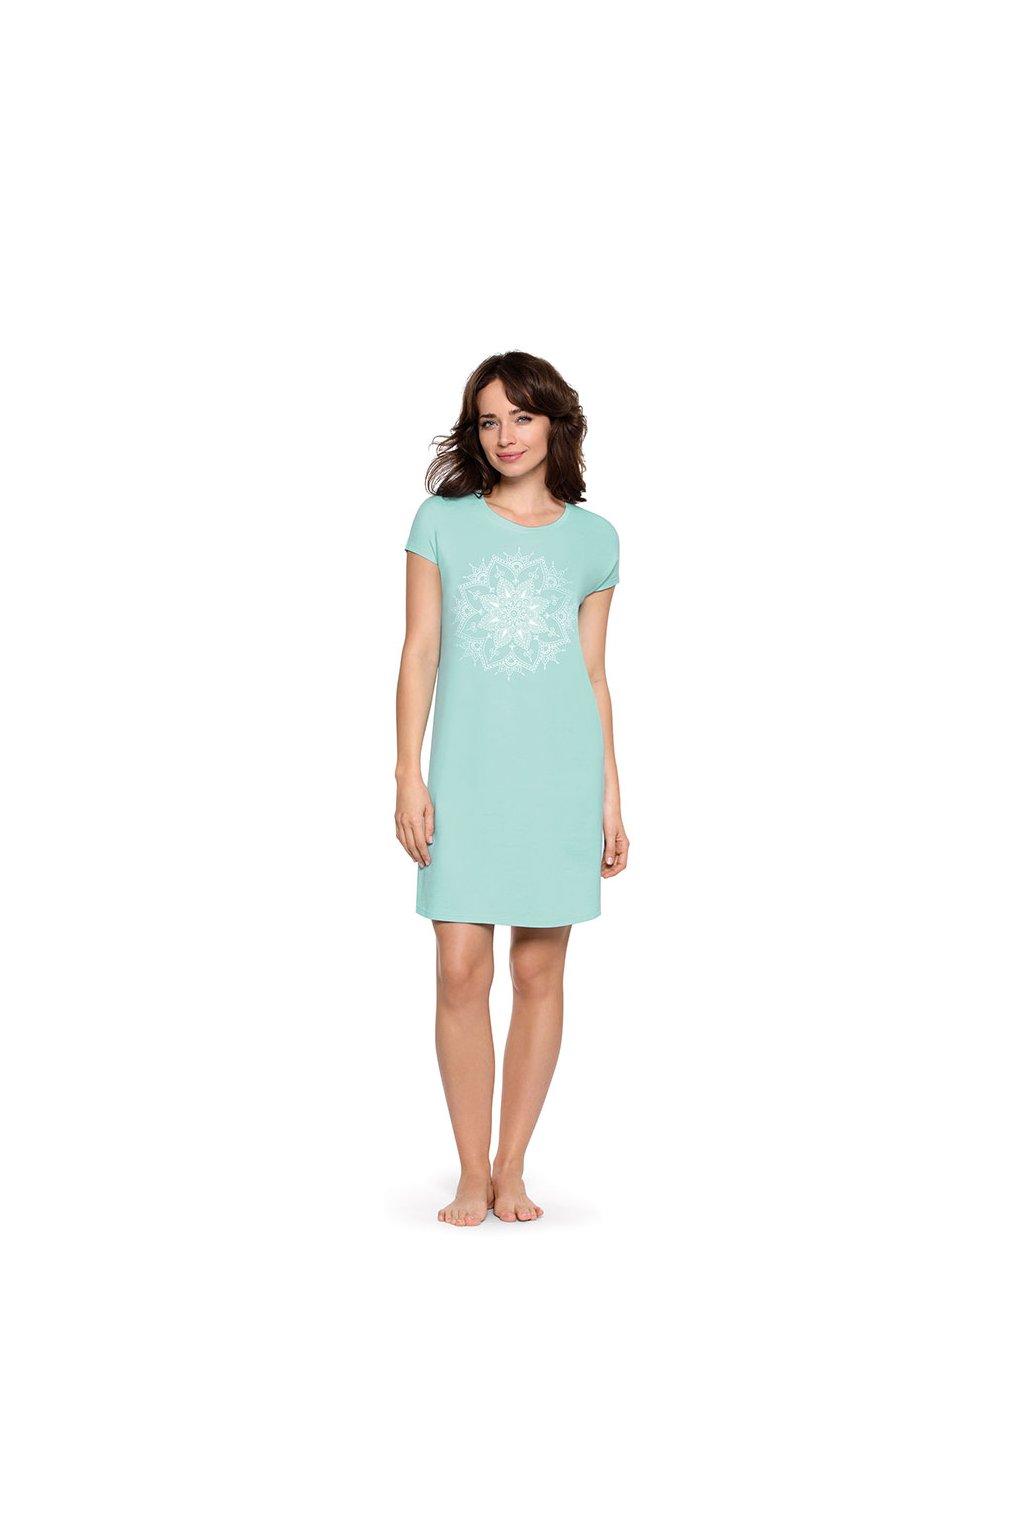 Dámská noční košile s krátkým rukávem, 104471 98, modrá